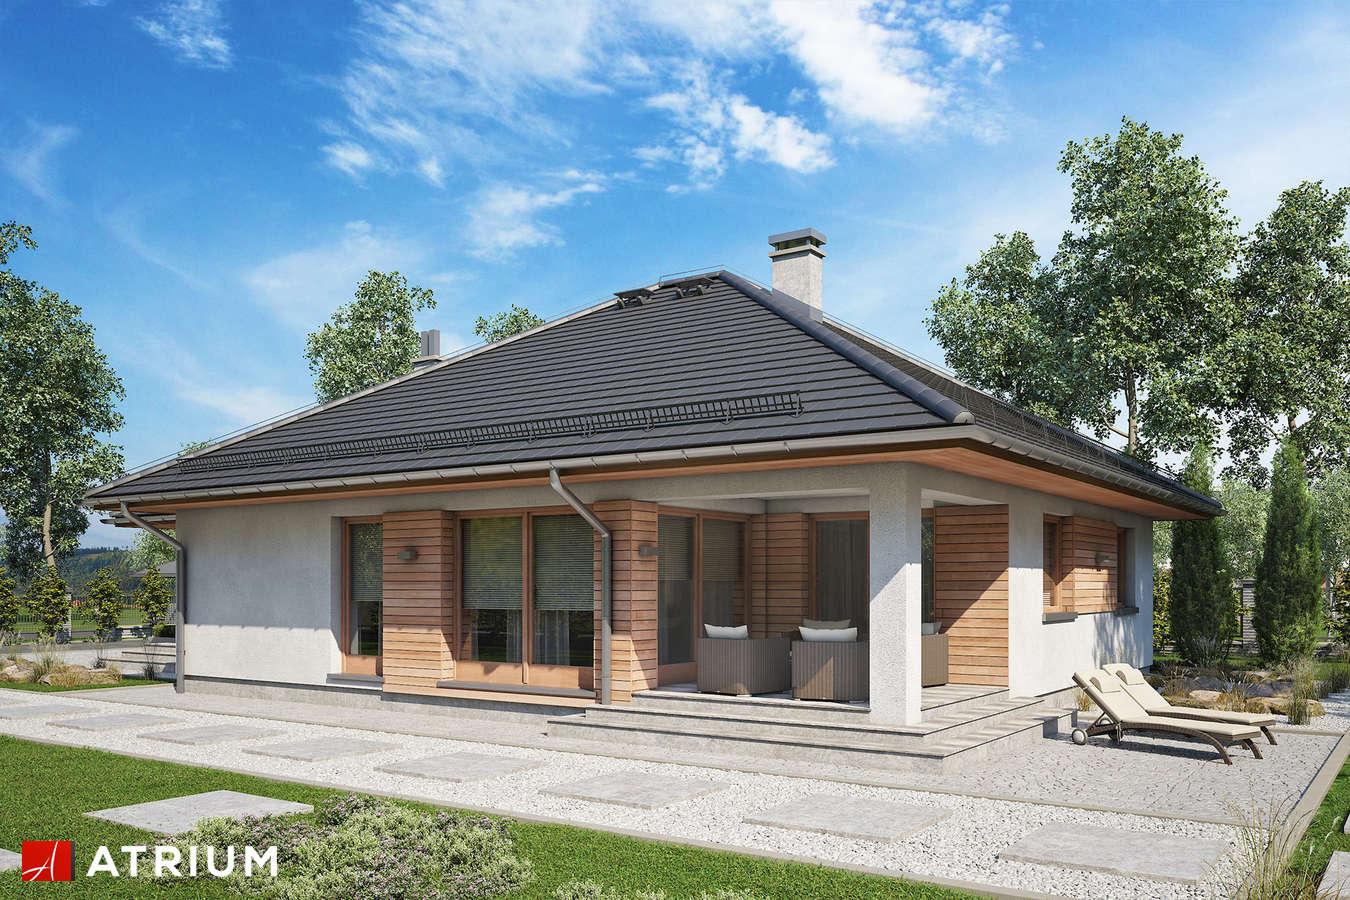 Projekty domów - Projekt domu parterowego BURSZTYN PLUS MAXI - wizualizacja 2 - wersja lustrzana